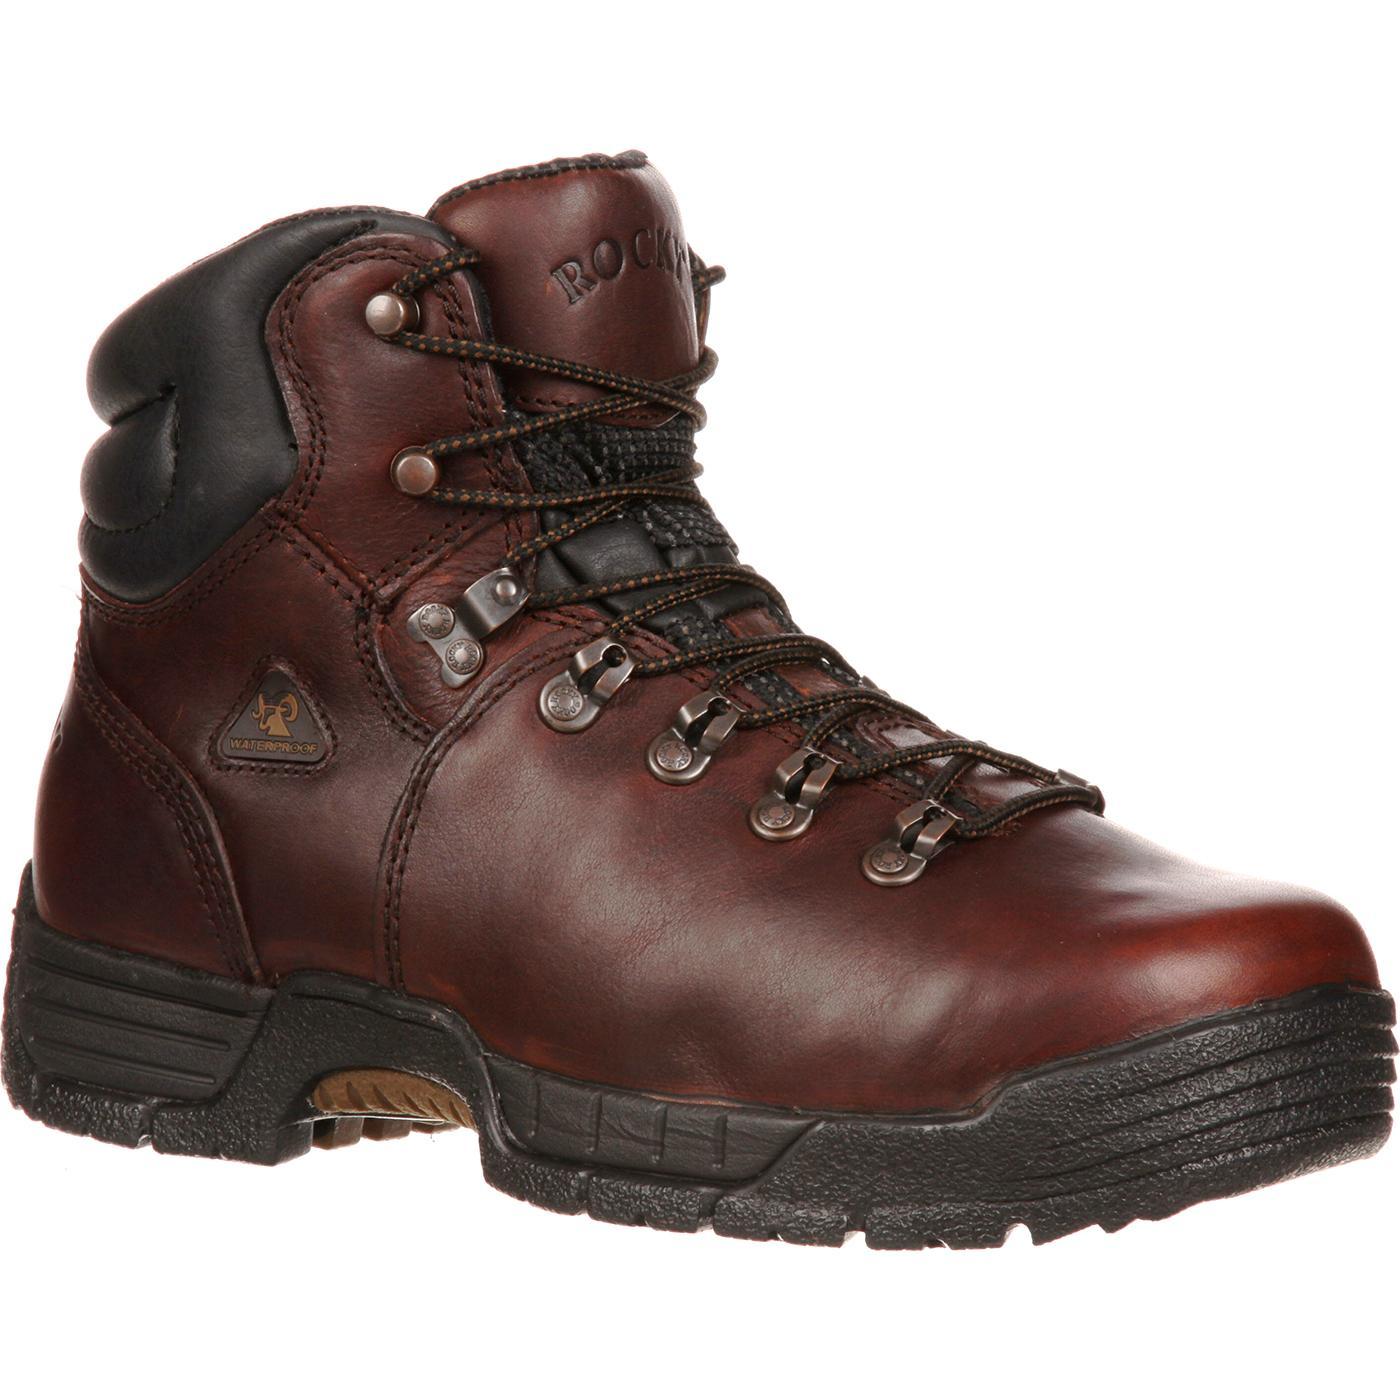 Rocky MobiLite Steel Toe Waterproof Work Boots